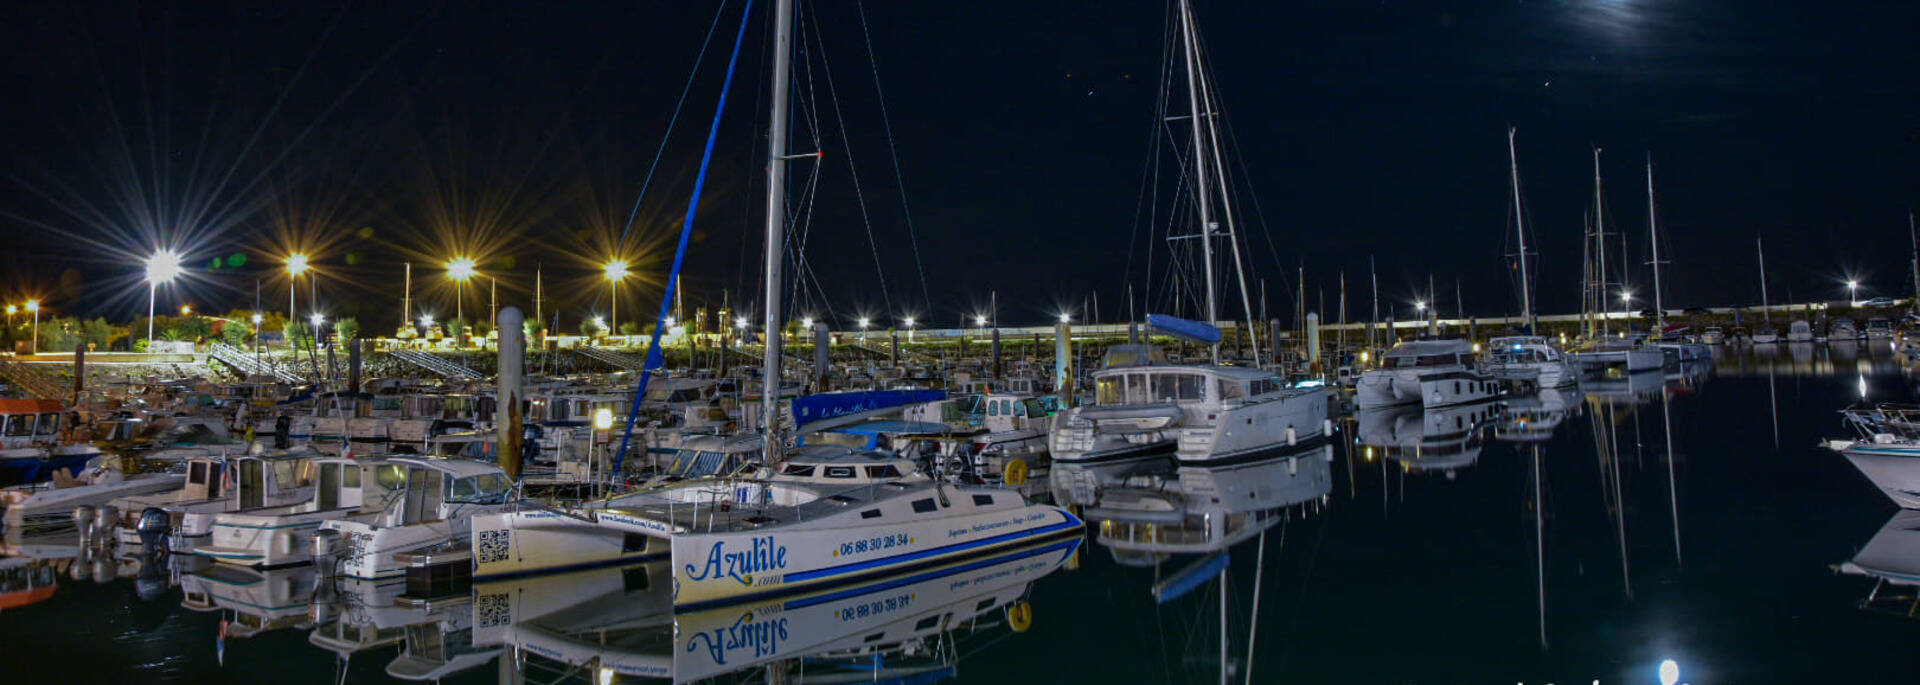 Le Port de Saint-Denis d'Oléron - ©Sabia's Pictures